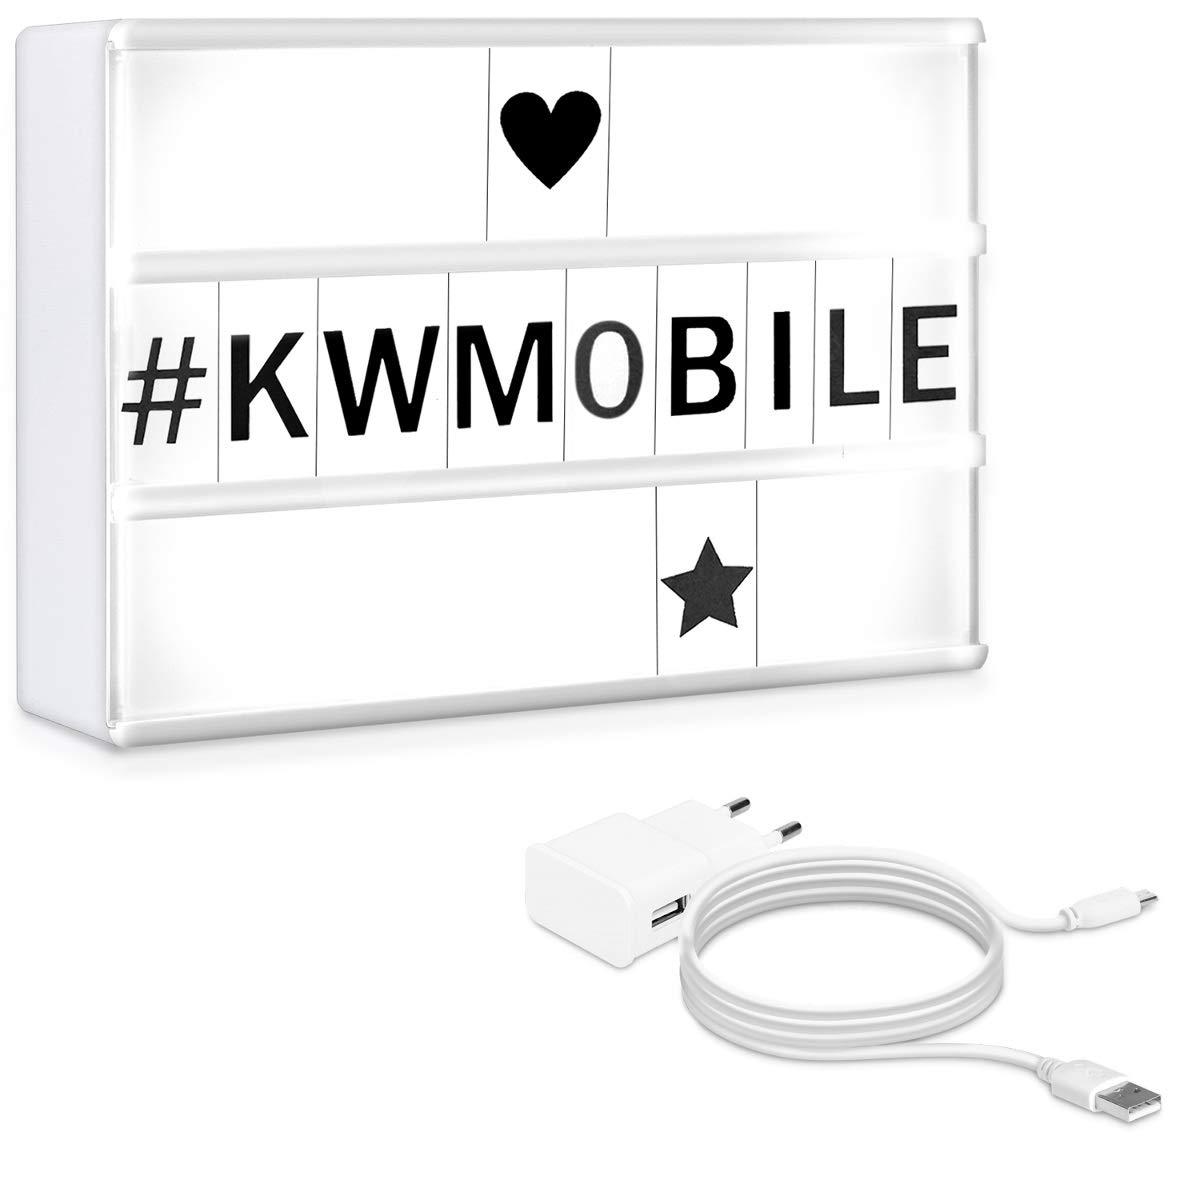 kwmobile Lightbox 7 colori scatola luminosa - Light Box A6 LED magnetico 126 lettere nere numeri simboli con funzione cambia colore - USB o batteria KW-Commerce 44815.02.01_m001247